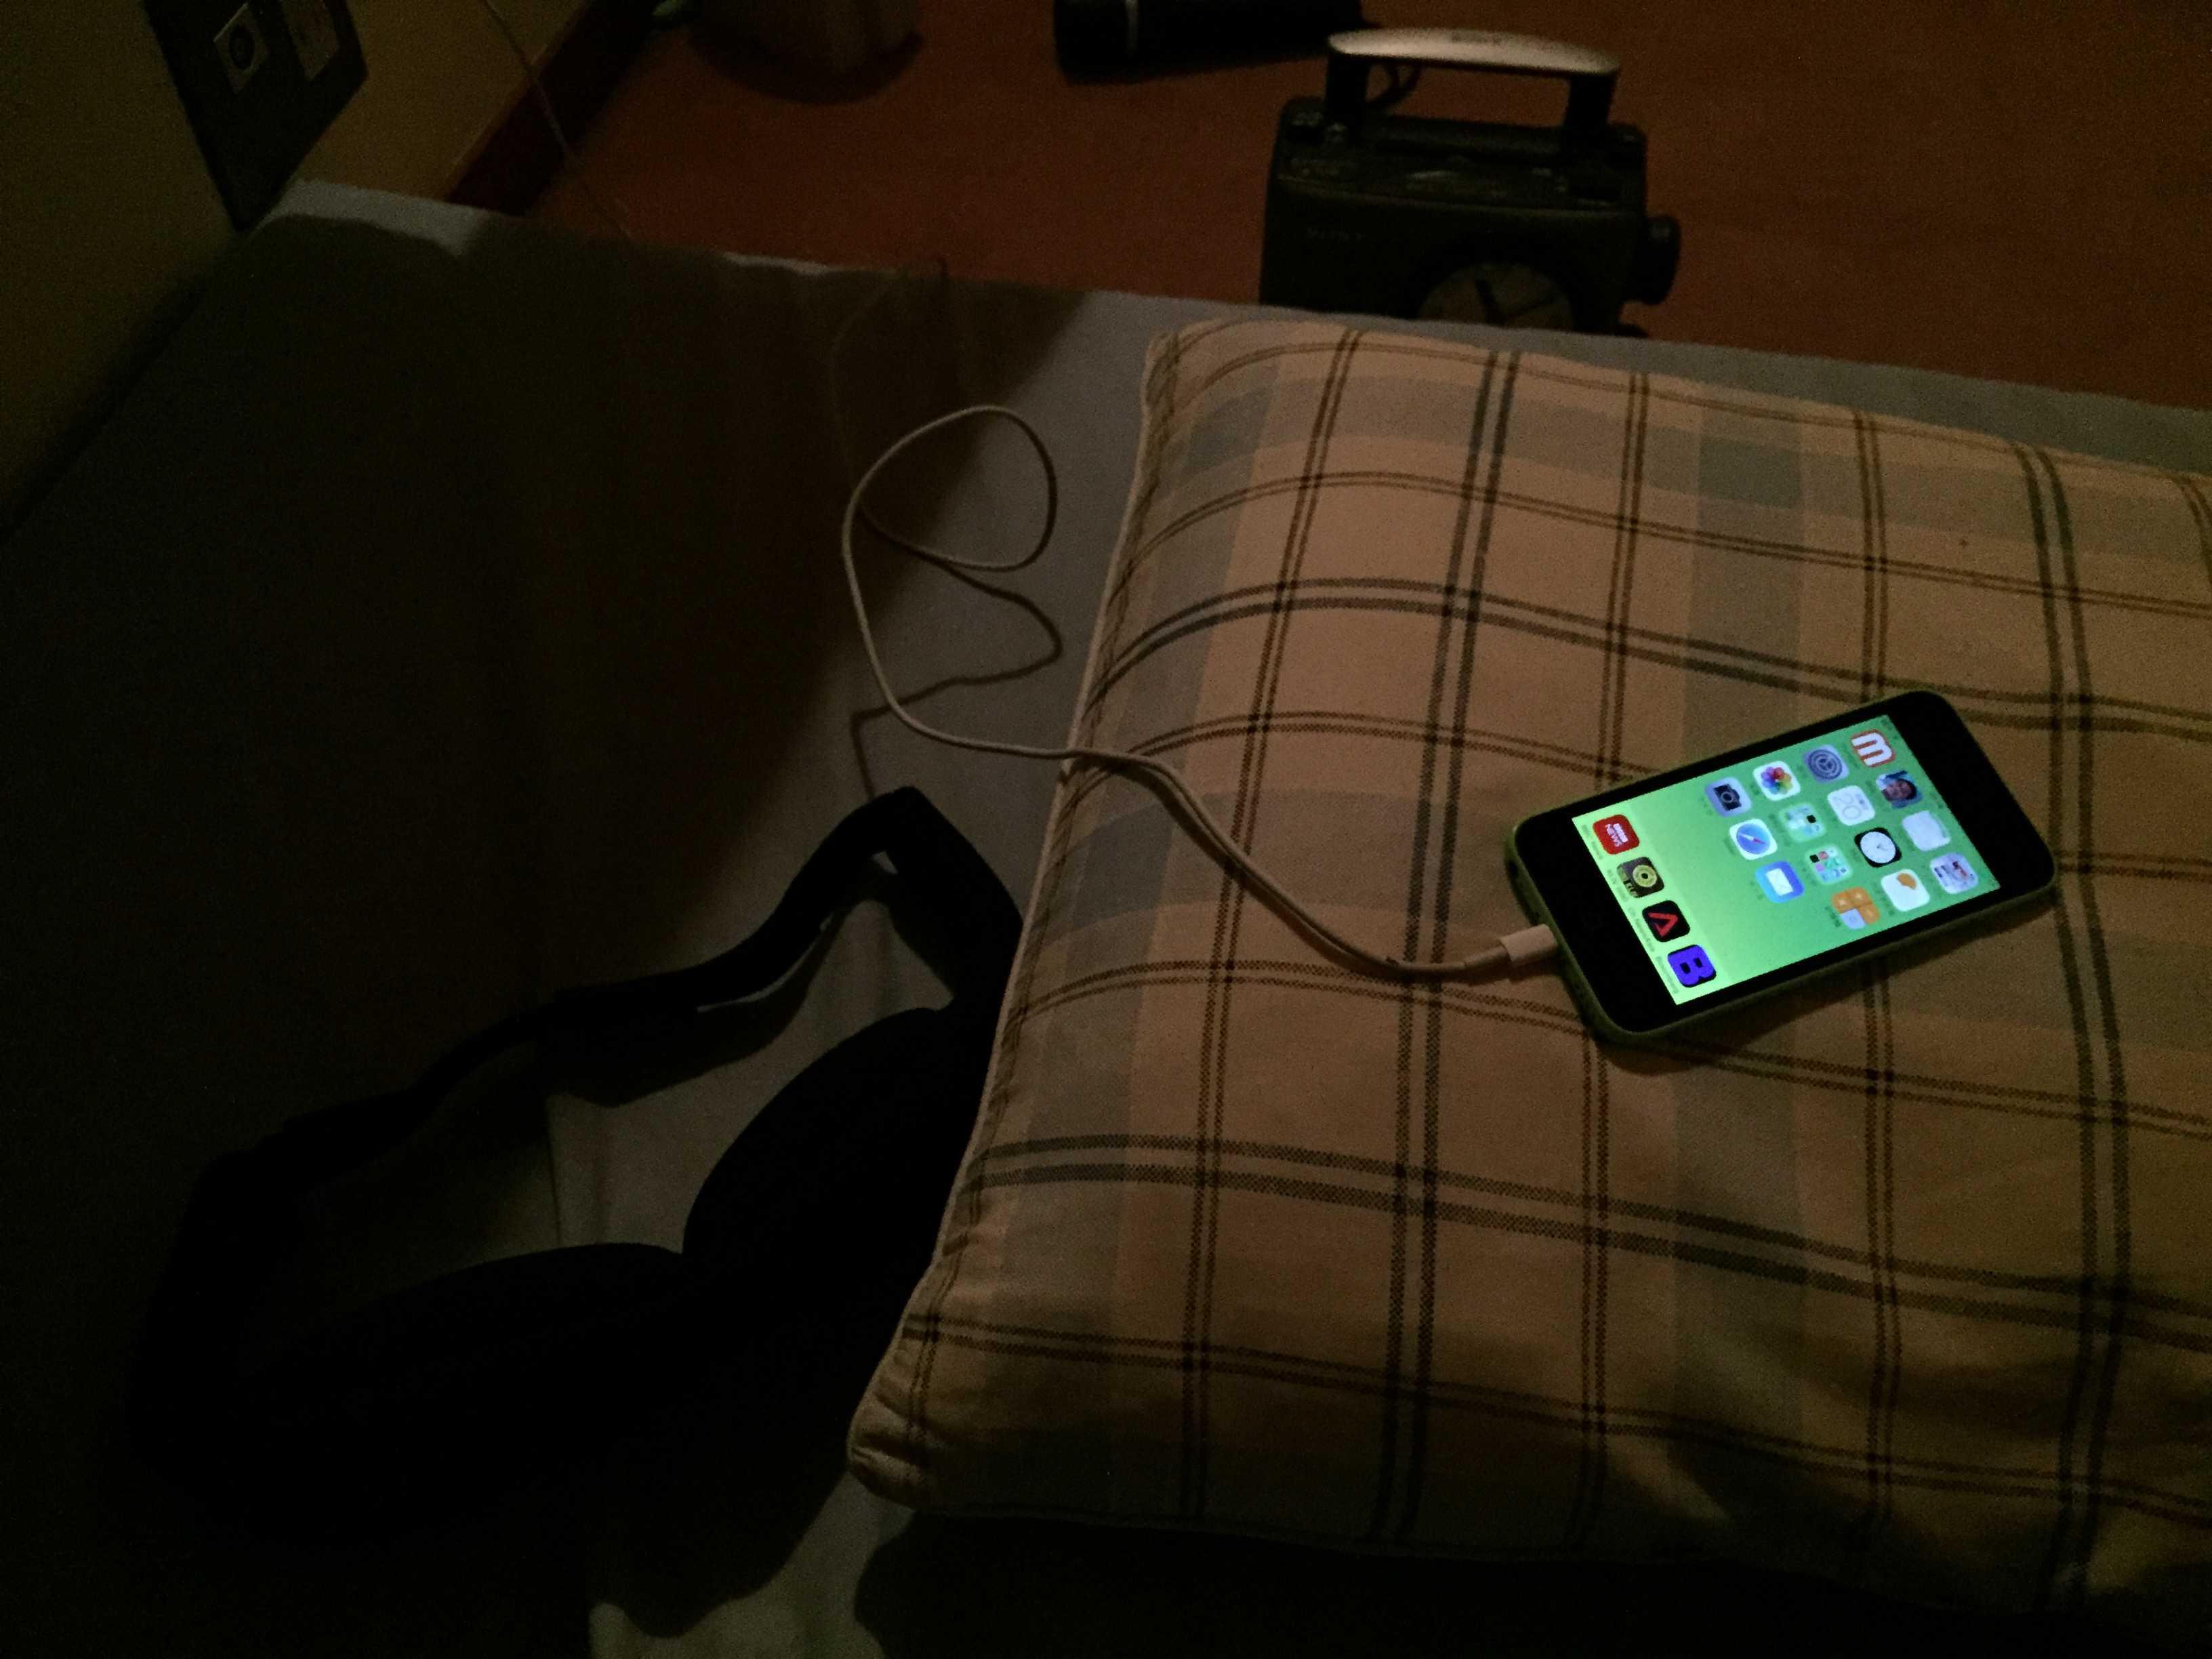 枕元の僕の iPhone 5c